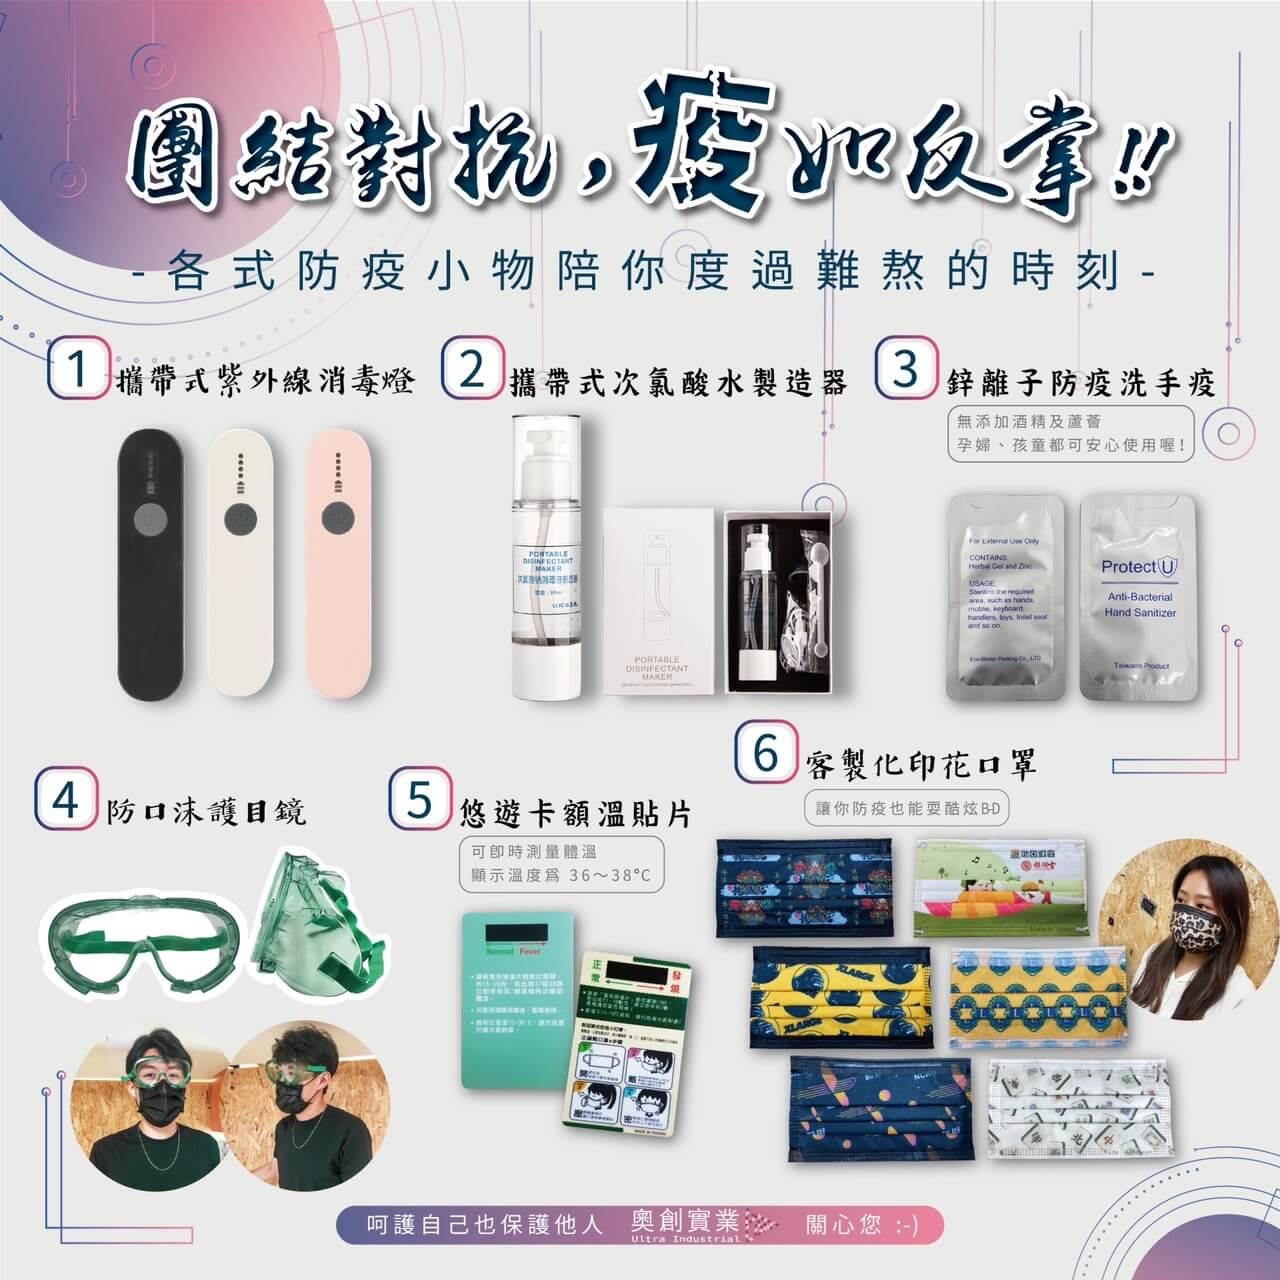 奧創防疫小物 | 企業防疫禮物 | 防疫贈品 | ultra奧創實業